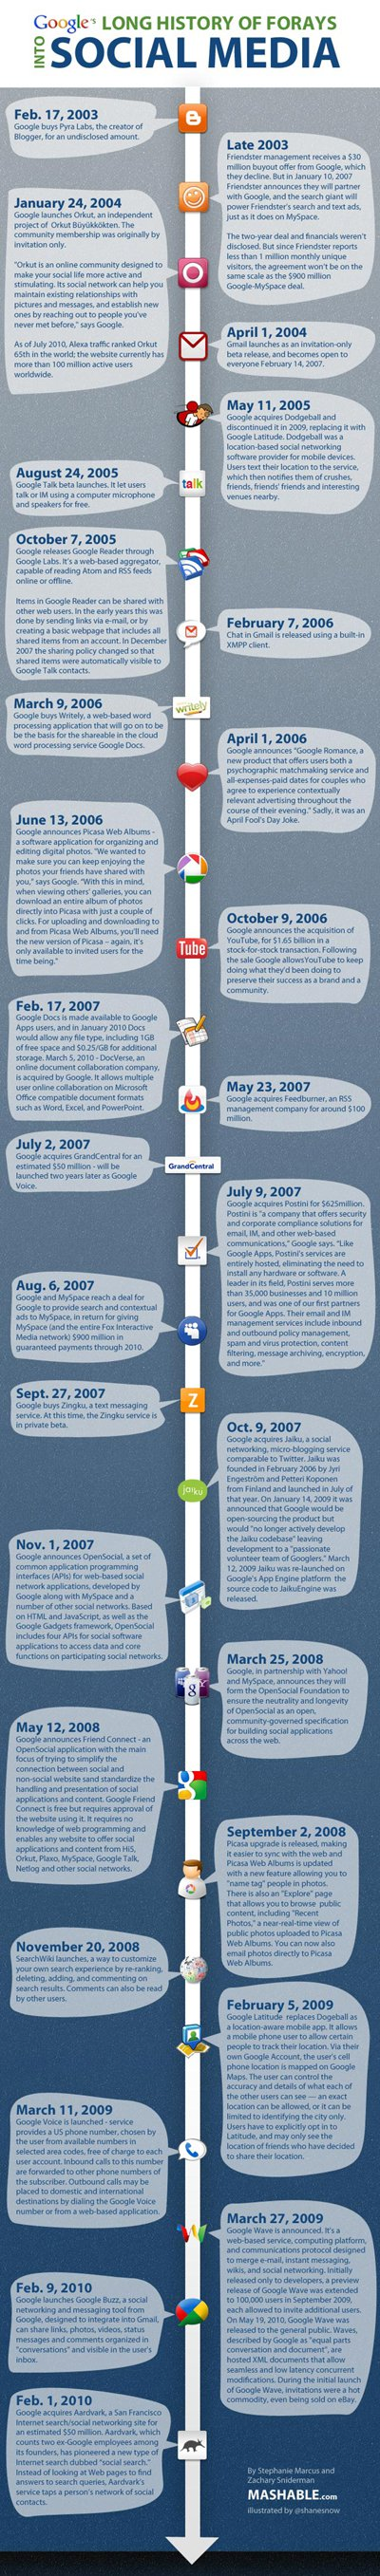 Geschichte von Social Media bei Google